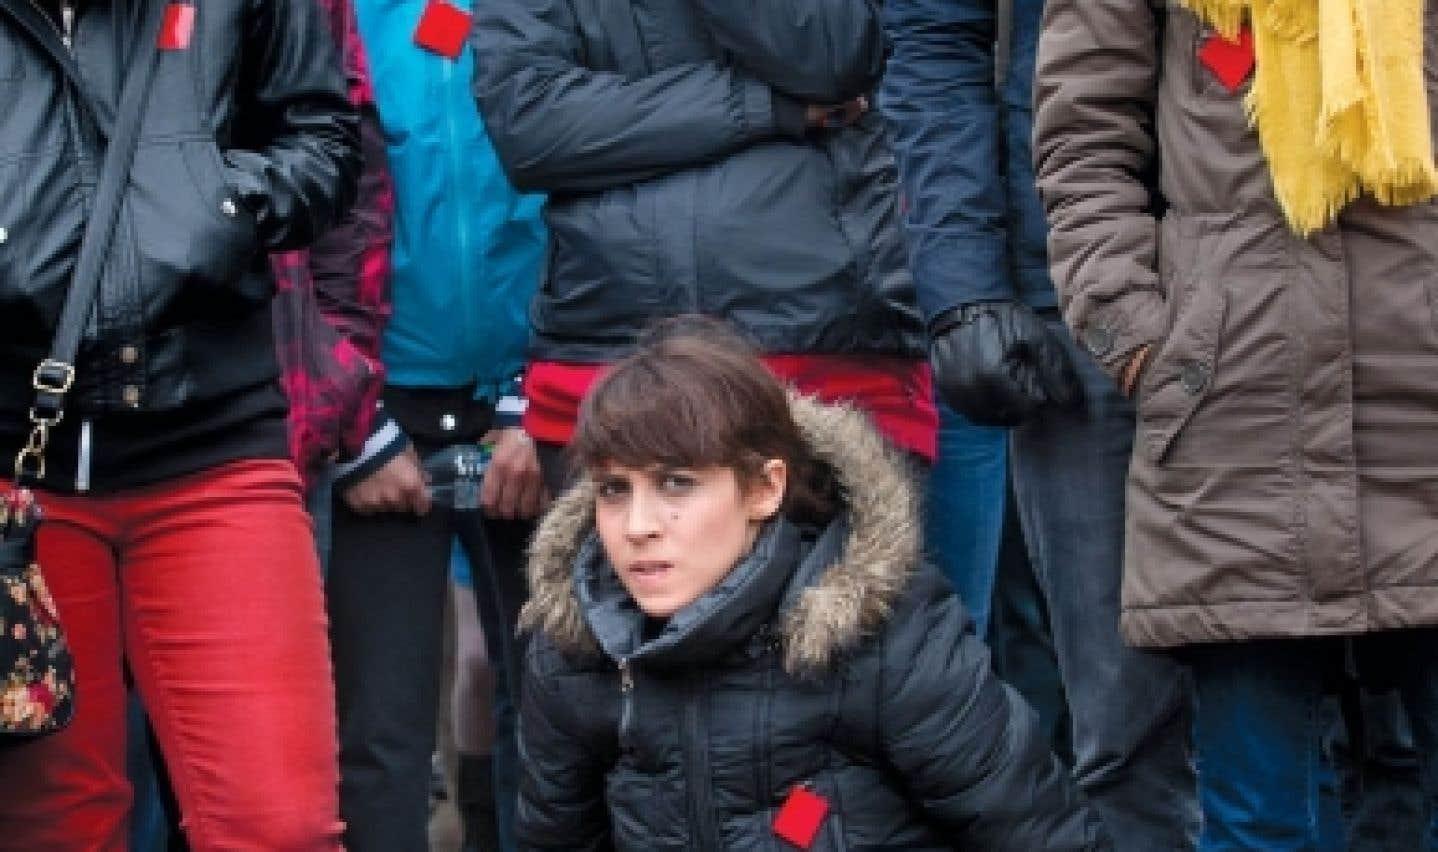 Des manifestants réunis à la place Émilie-Gamelin, à Montréal, écoutaient hier les discours des leaders de la grève, mais aussi ceux de dirigeants syndicaux et d'artistes opposés à la hausse des droits de scolarité. La grève étudiante en est maintenant à sa neuvième semaine.